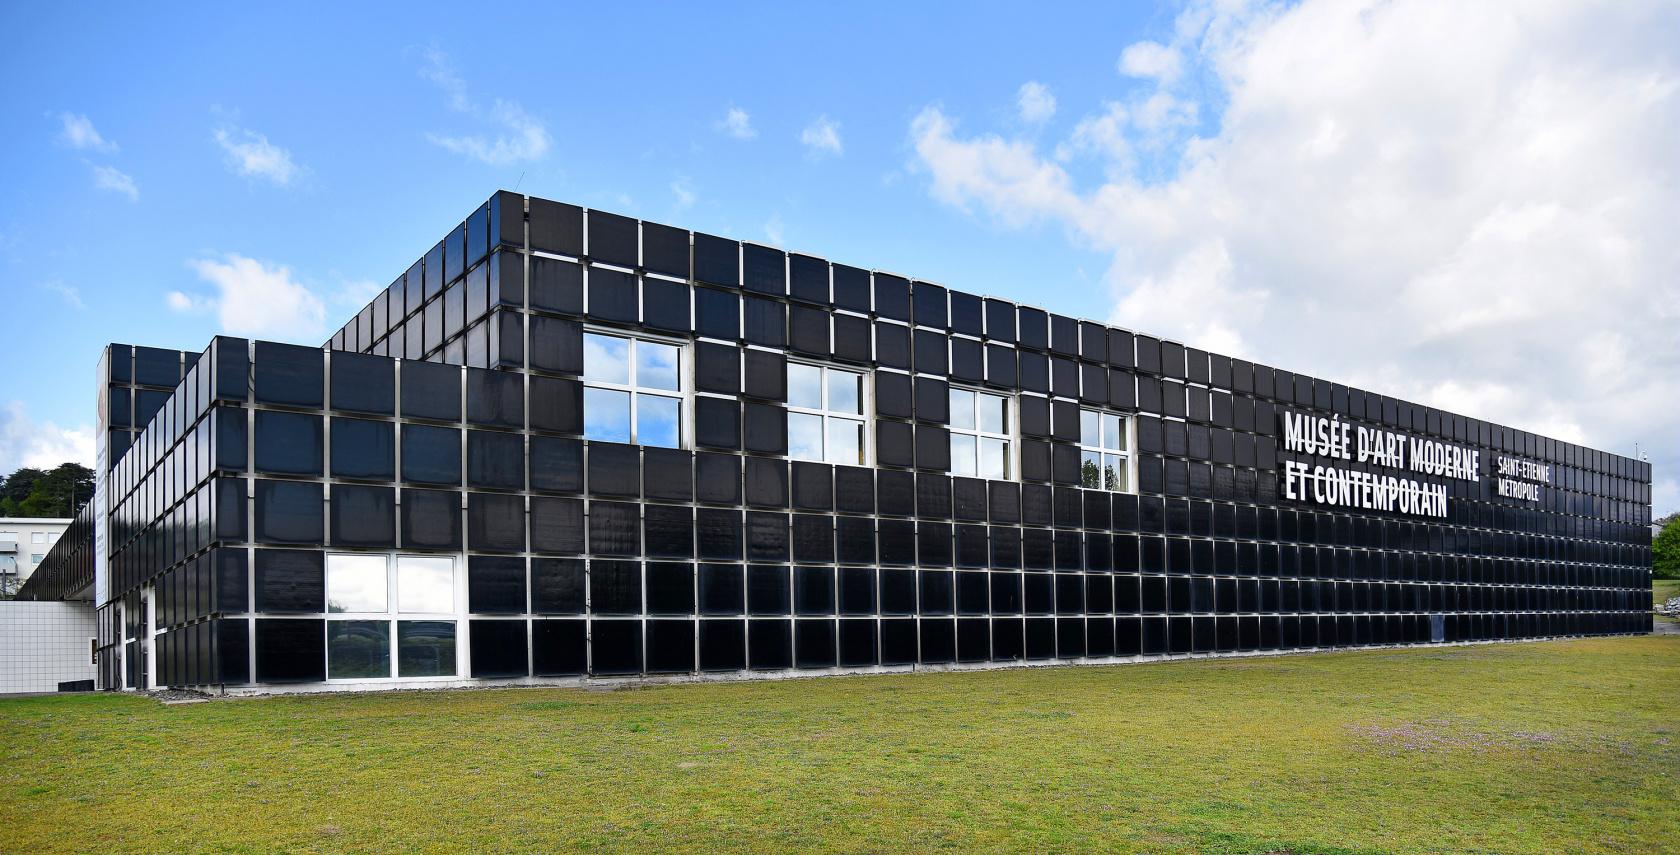 L'estate dell'arte in Francia: il MAMC di Saint-Étienne riparte con un omaggio a Robert Morris